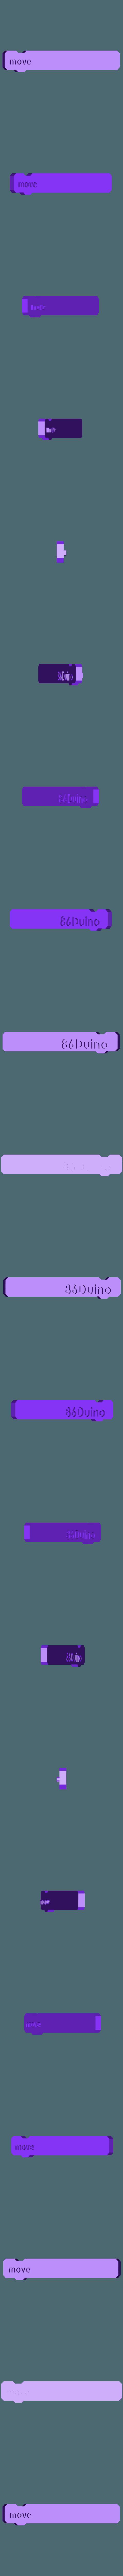 86Scratch-6.STL Download free STL file 86Duino Scratch block • 3D print model, 86Duino